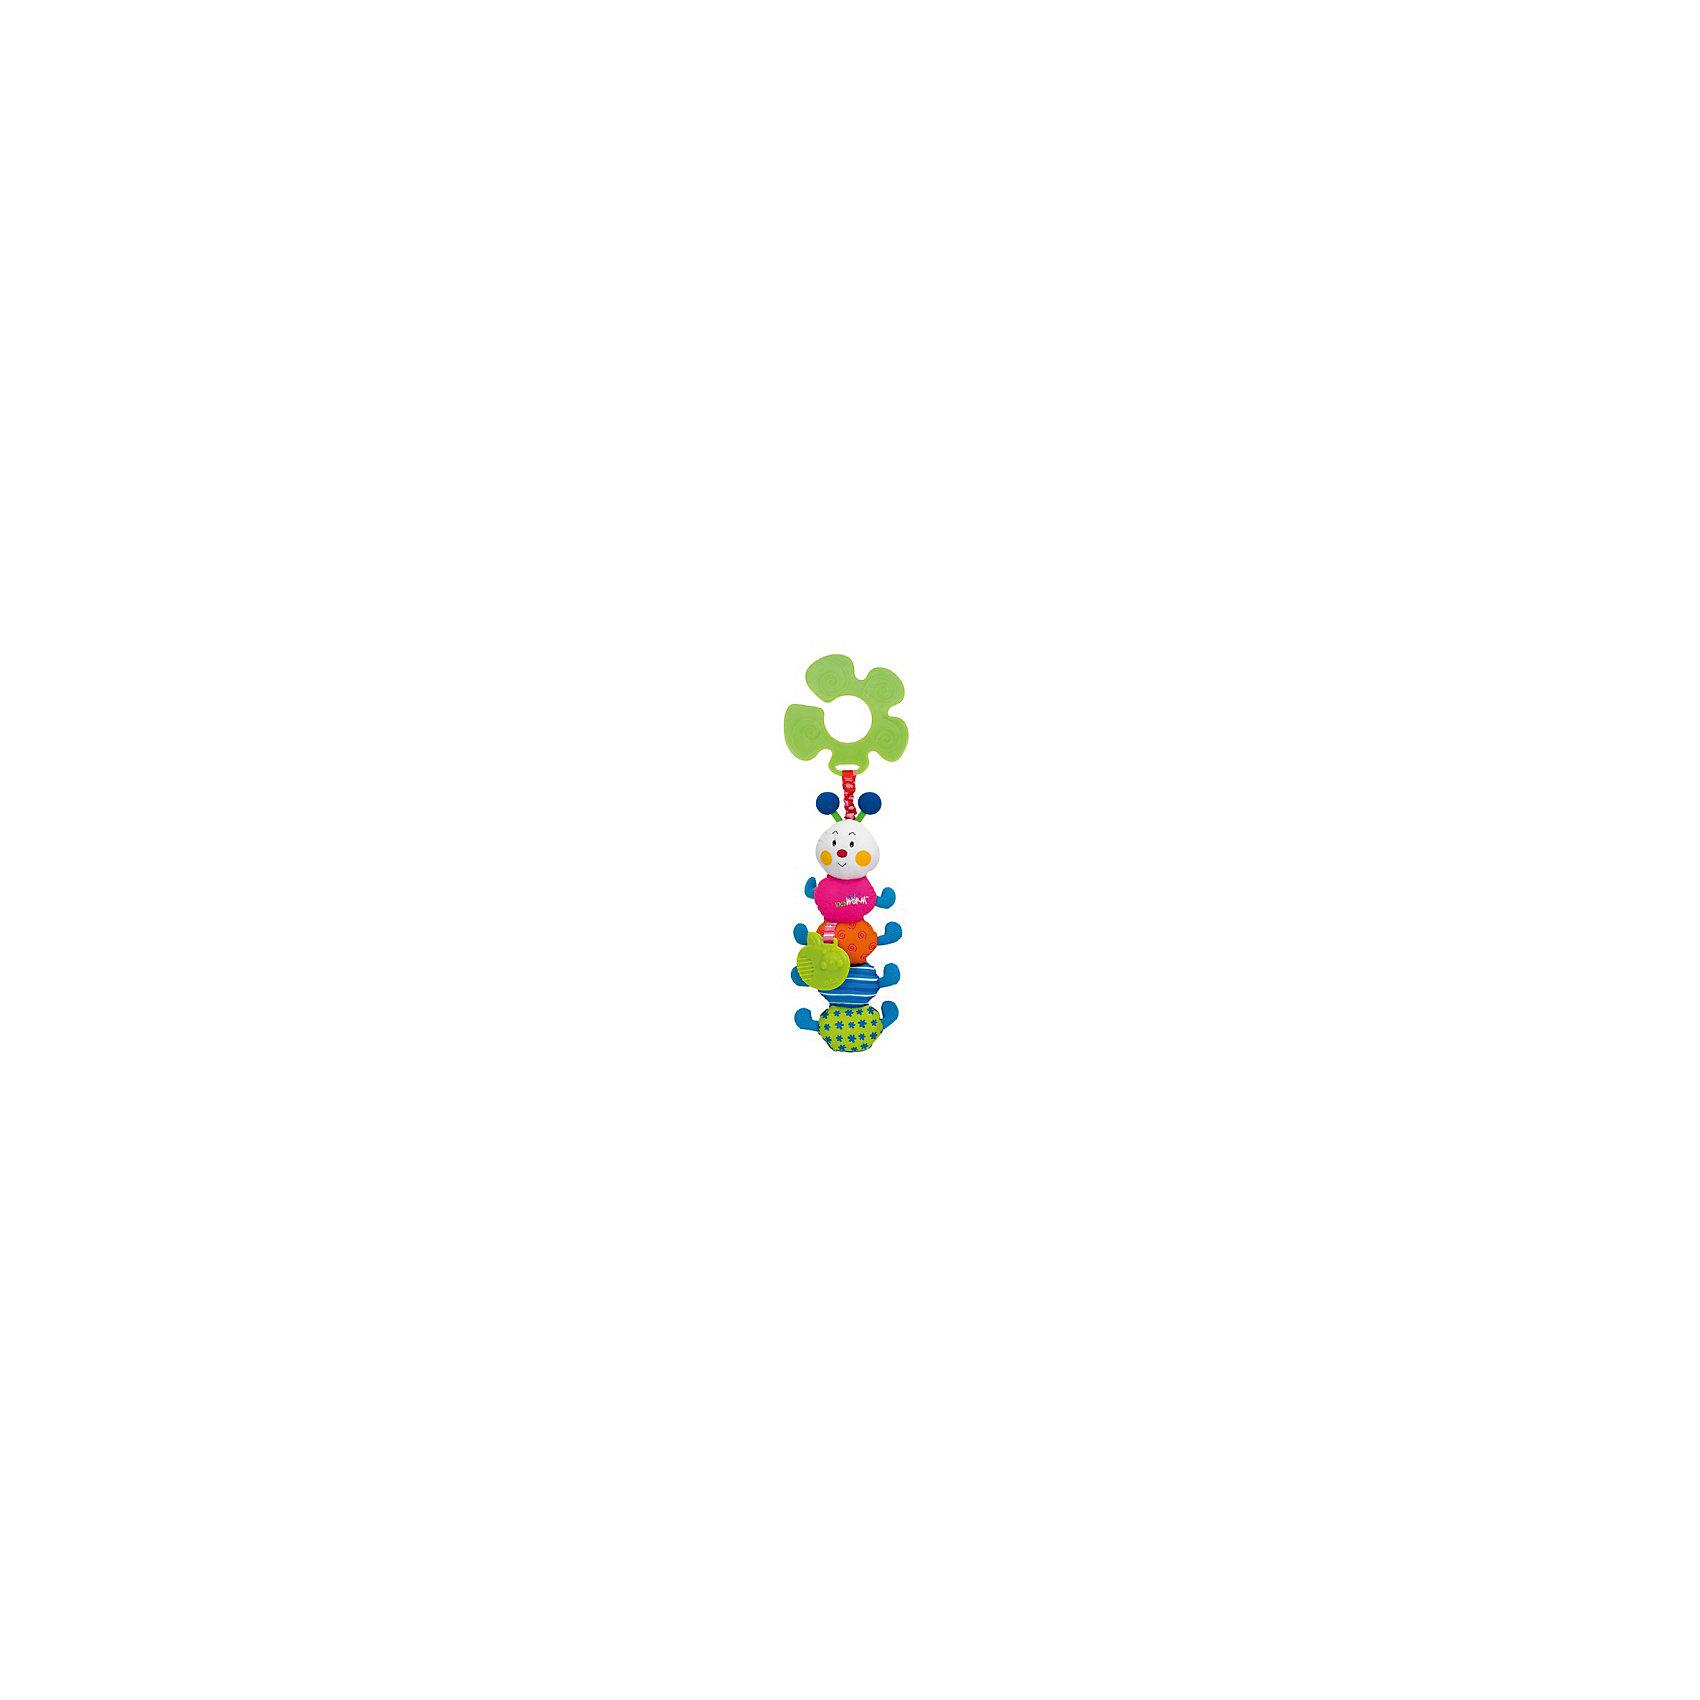 Гусеничка подвеска, Ks KidsПодвески<br>Гусеничка подвеска, Ks Kids (Кс Кидс) ? развивающая игрушка-подвеска, предназначенная для детей с самого рождения. Подвеска выполнена в форме знаменитого персонажа Кс Кидс ? веселой яркой гусенички. <br>У гусеницы тело, состоящее из головы и 4 разноцветных отделений, каждый из которых имеет свой слуховой эффект: шуршит, бренчит, звенит, пищит. К одному из элементов туловища прикреплен резиновый прорезыватель в форме зеленого яблока.<br>К пластиковому кольцу-держателю гусеничка прикреплена яркой широкой резинкой. Саму игрушку можно подвешивать к абсолютно любому поручню: будь то коляска, кроватка, автокресло или стульчик для кормления. <br>Игрушка изготовлена из высококачественного гипоаллергенного текстильного материала.<br>Все элементы Гусенички подвески, Ks Kids (Кс Кидс) направлены на сенсомоторное развитие вашего малыша. <br><br>Дополнительная информация:<br><br>- Вид игр: развивающие<br>- Предназначение: для дома, для прогулки<br>- Материал: текстиль, пластик<br>- Размер: 9*29*2 см<br>- Вес: 134 г<br>- Особенности ухода: можно стирать в щадящем режиме<br><br>Подробнее:<br><br>• Для детей в возрасте: от 0 месяцев до 1 года<br>• Страна производитель: Китай<br>• Торговый бренд: Ks Kids (Кс Кидс)<br><br>Гусеничку подвеску, Ks Kids (Кс Кидс) можно купить в нашем интернет-магазине.<br><br>Ширина мм: 90<br>Глубина мм: 290<br>Высота мм: 20<br>Вес г: 134<br>Возраст от месяцев: 0<br>Возраст до месяцев: 12<br>Пол: Унисекс<br>Возраст: Детский<br>SKU: 4799440